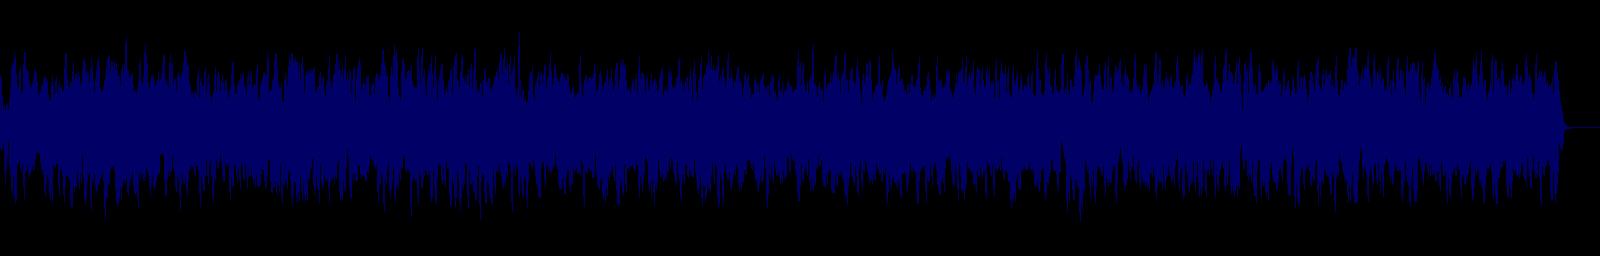 waveform of track #111553